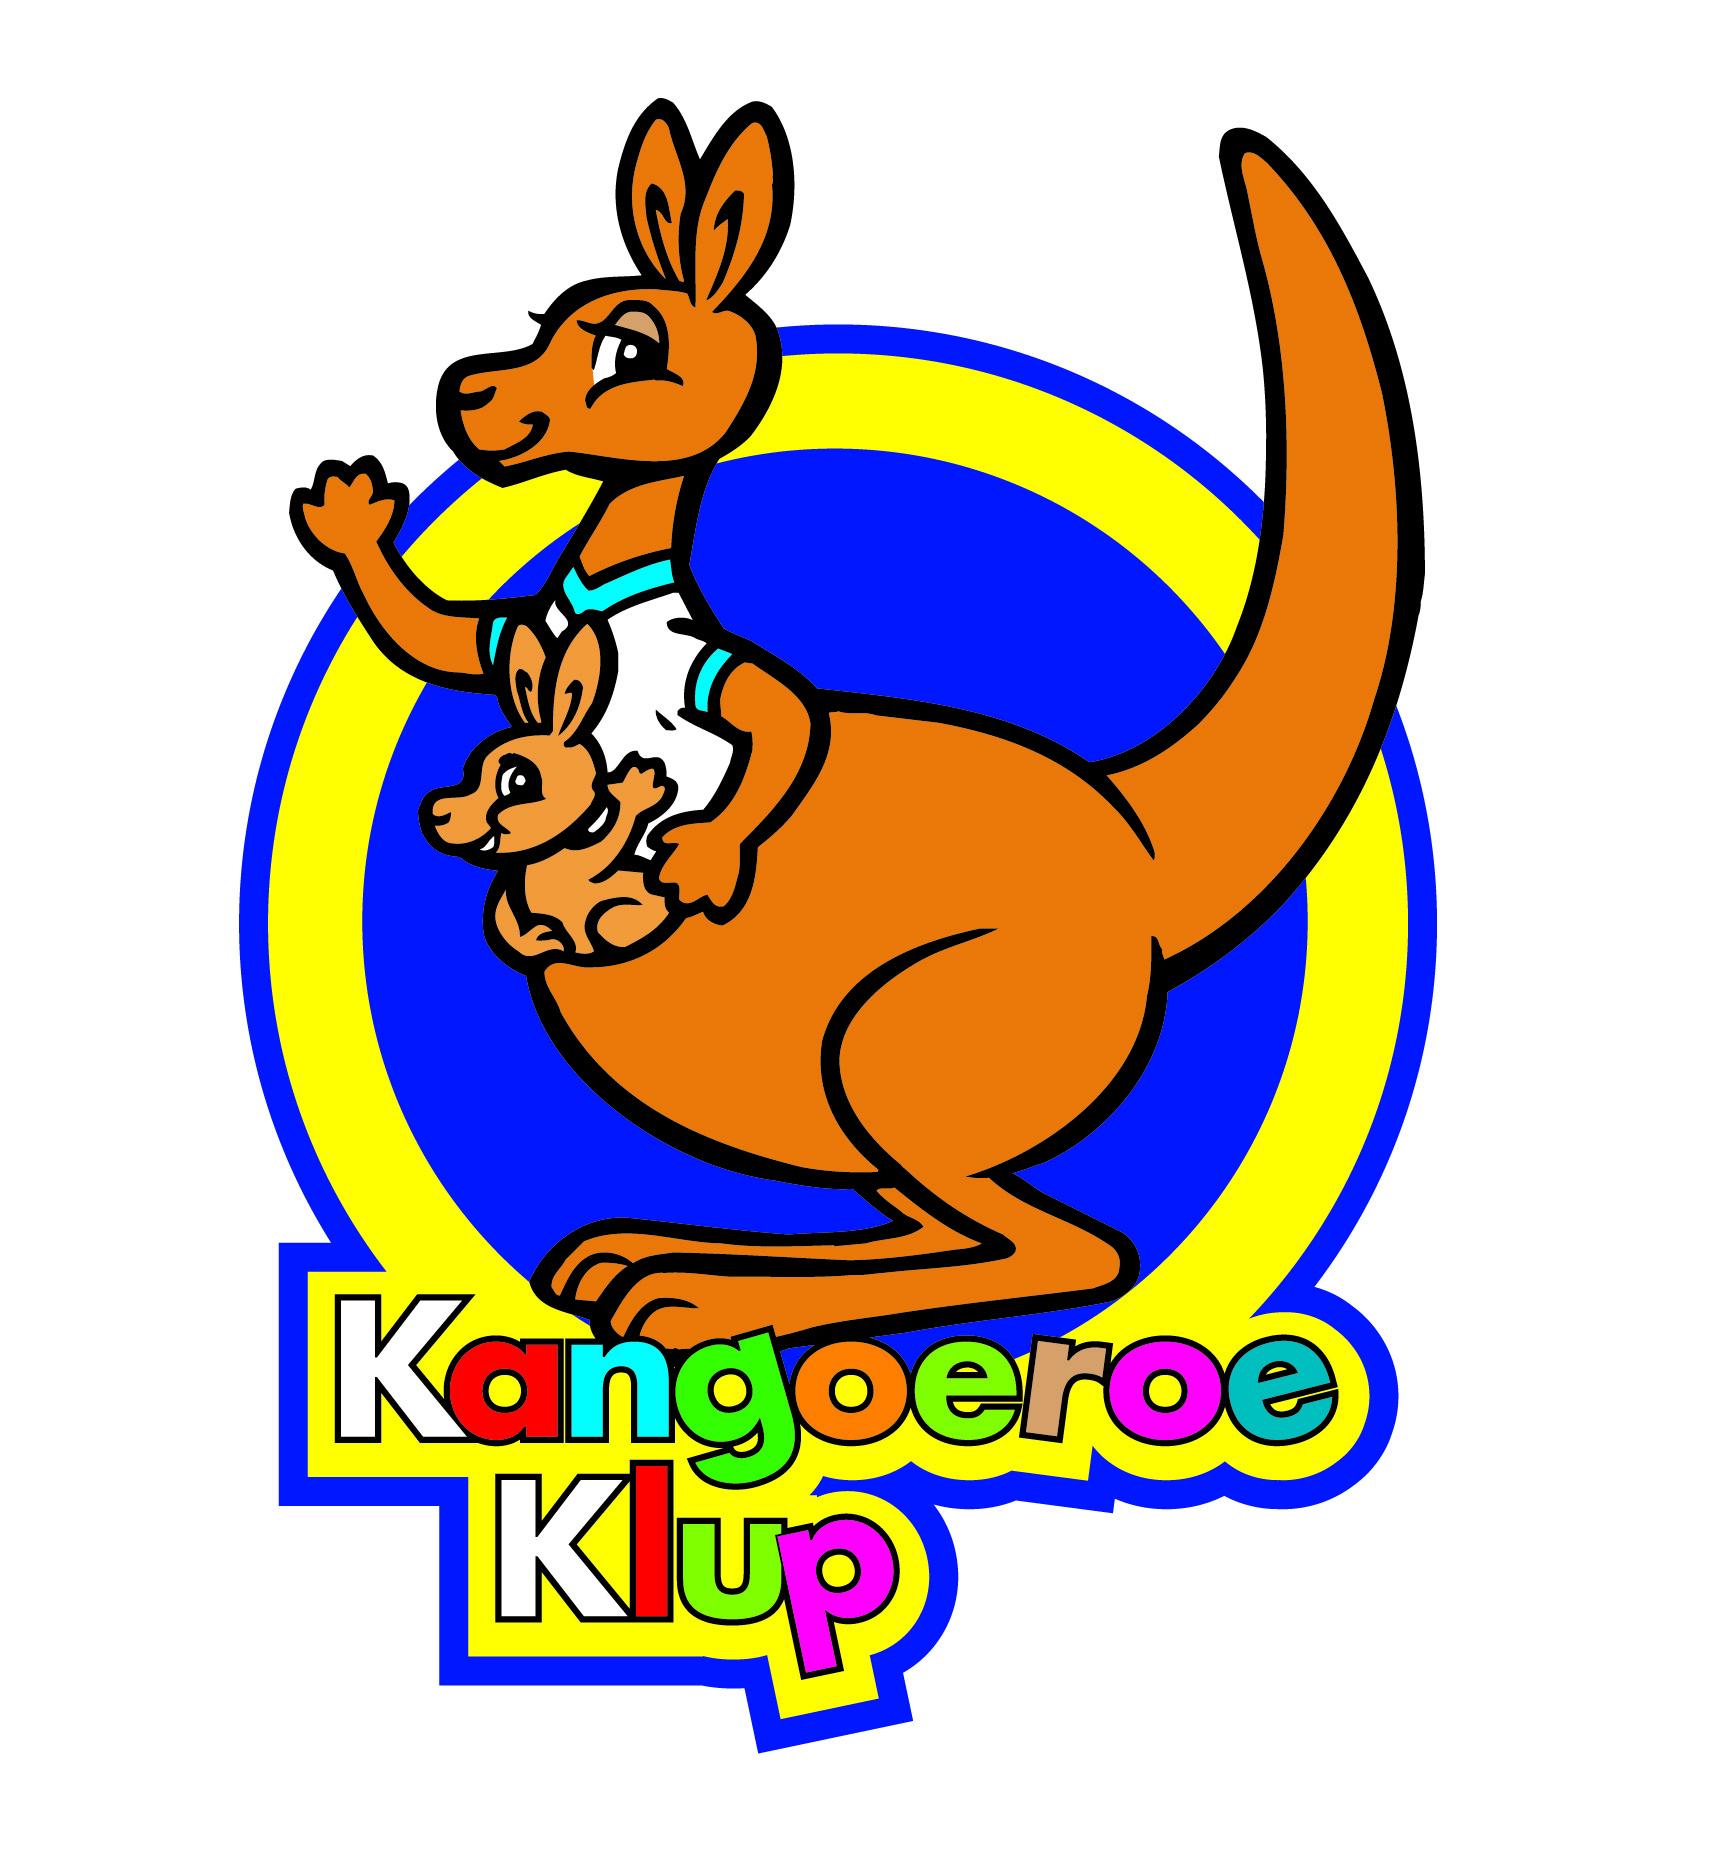 Kangaroeklub_Korfbal